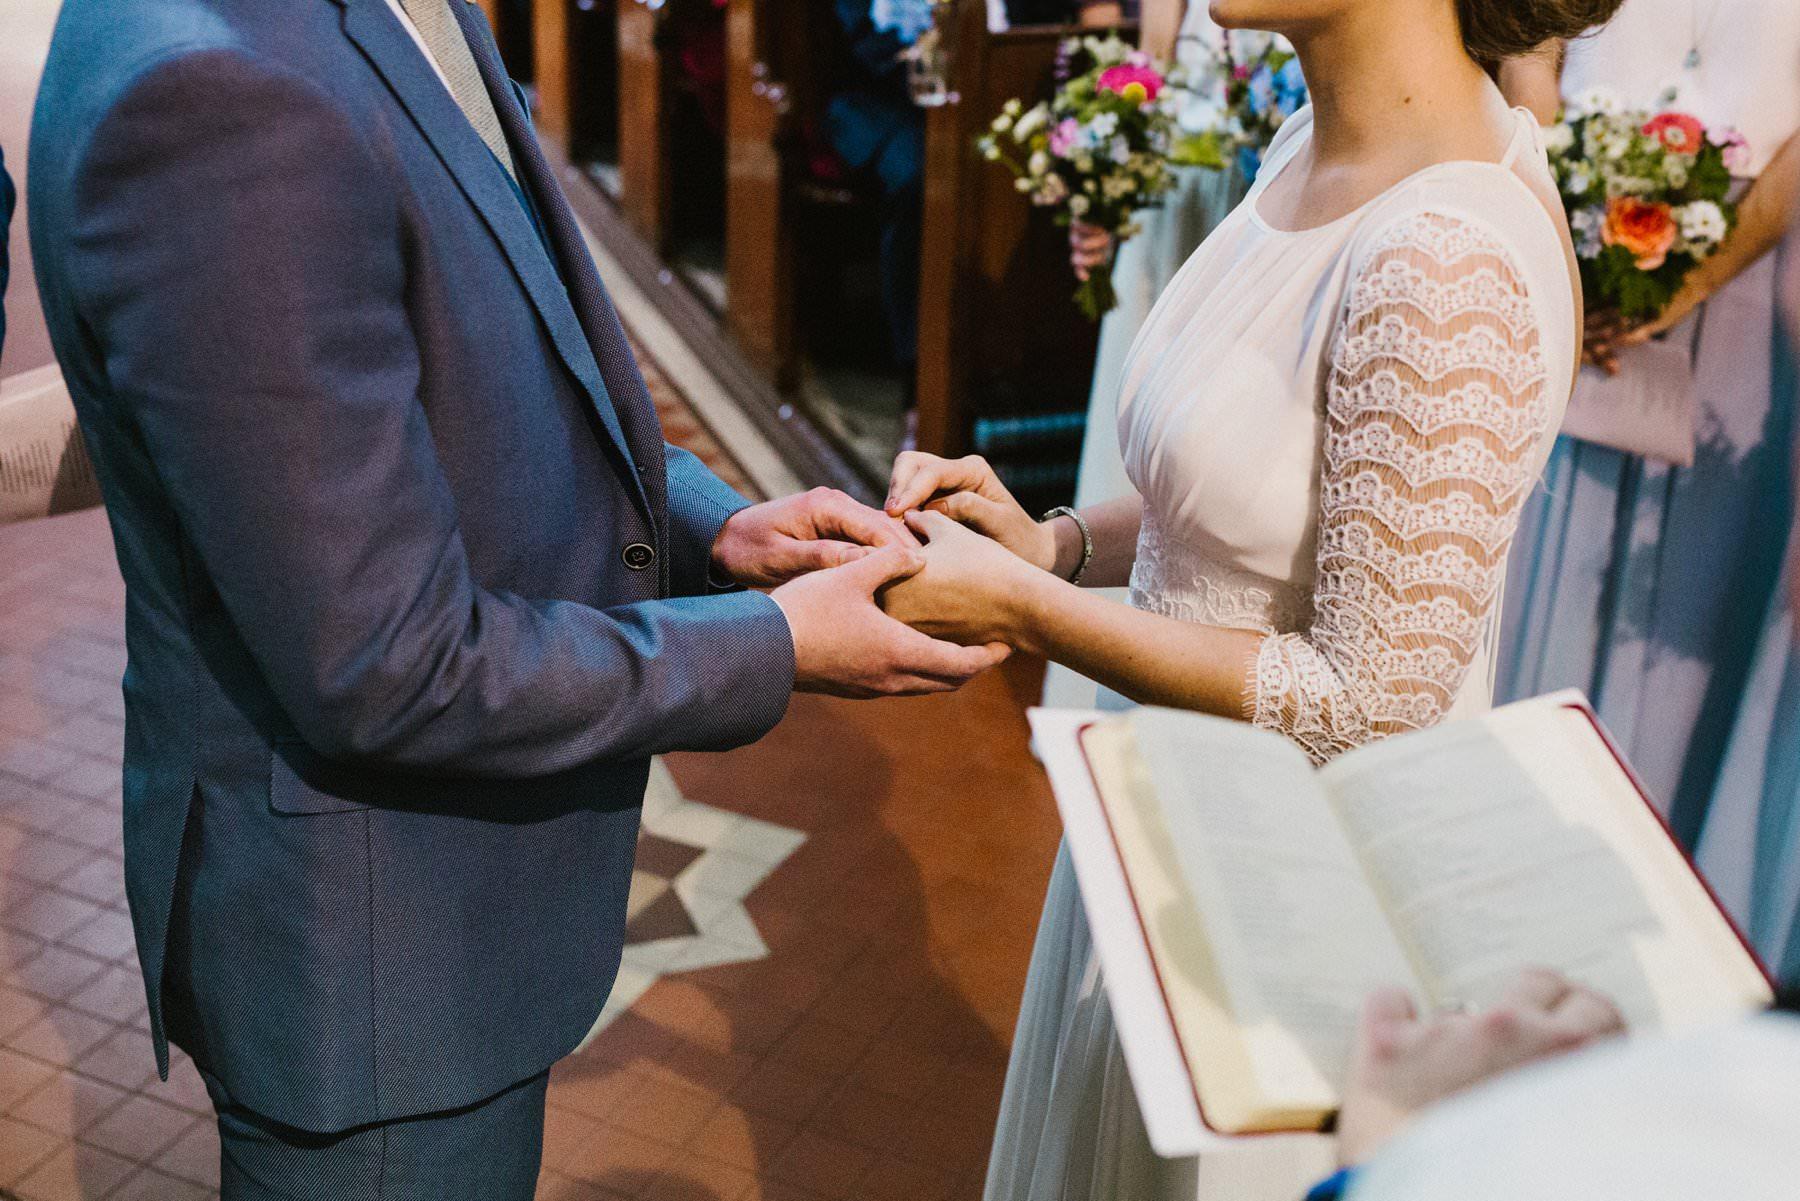 raceviewmill-wedding-photographer_0486